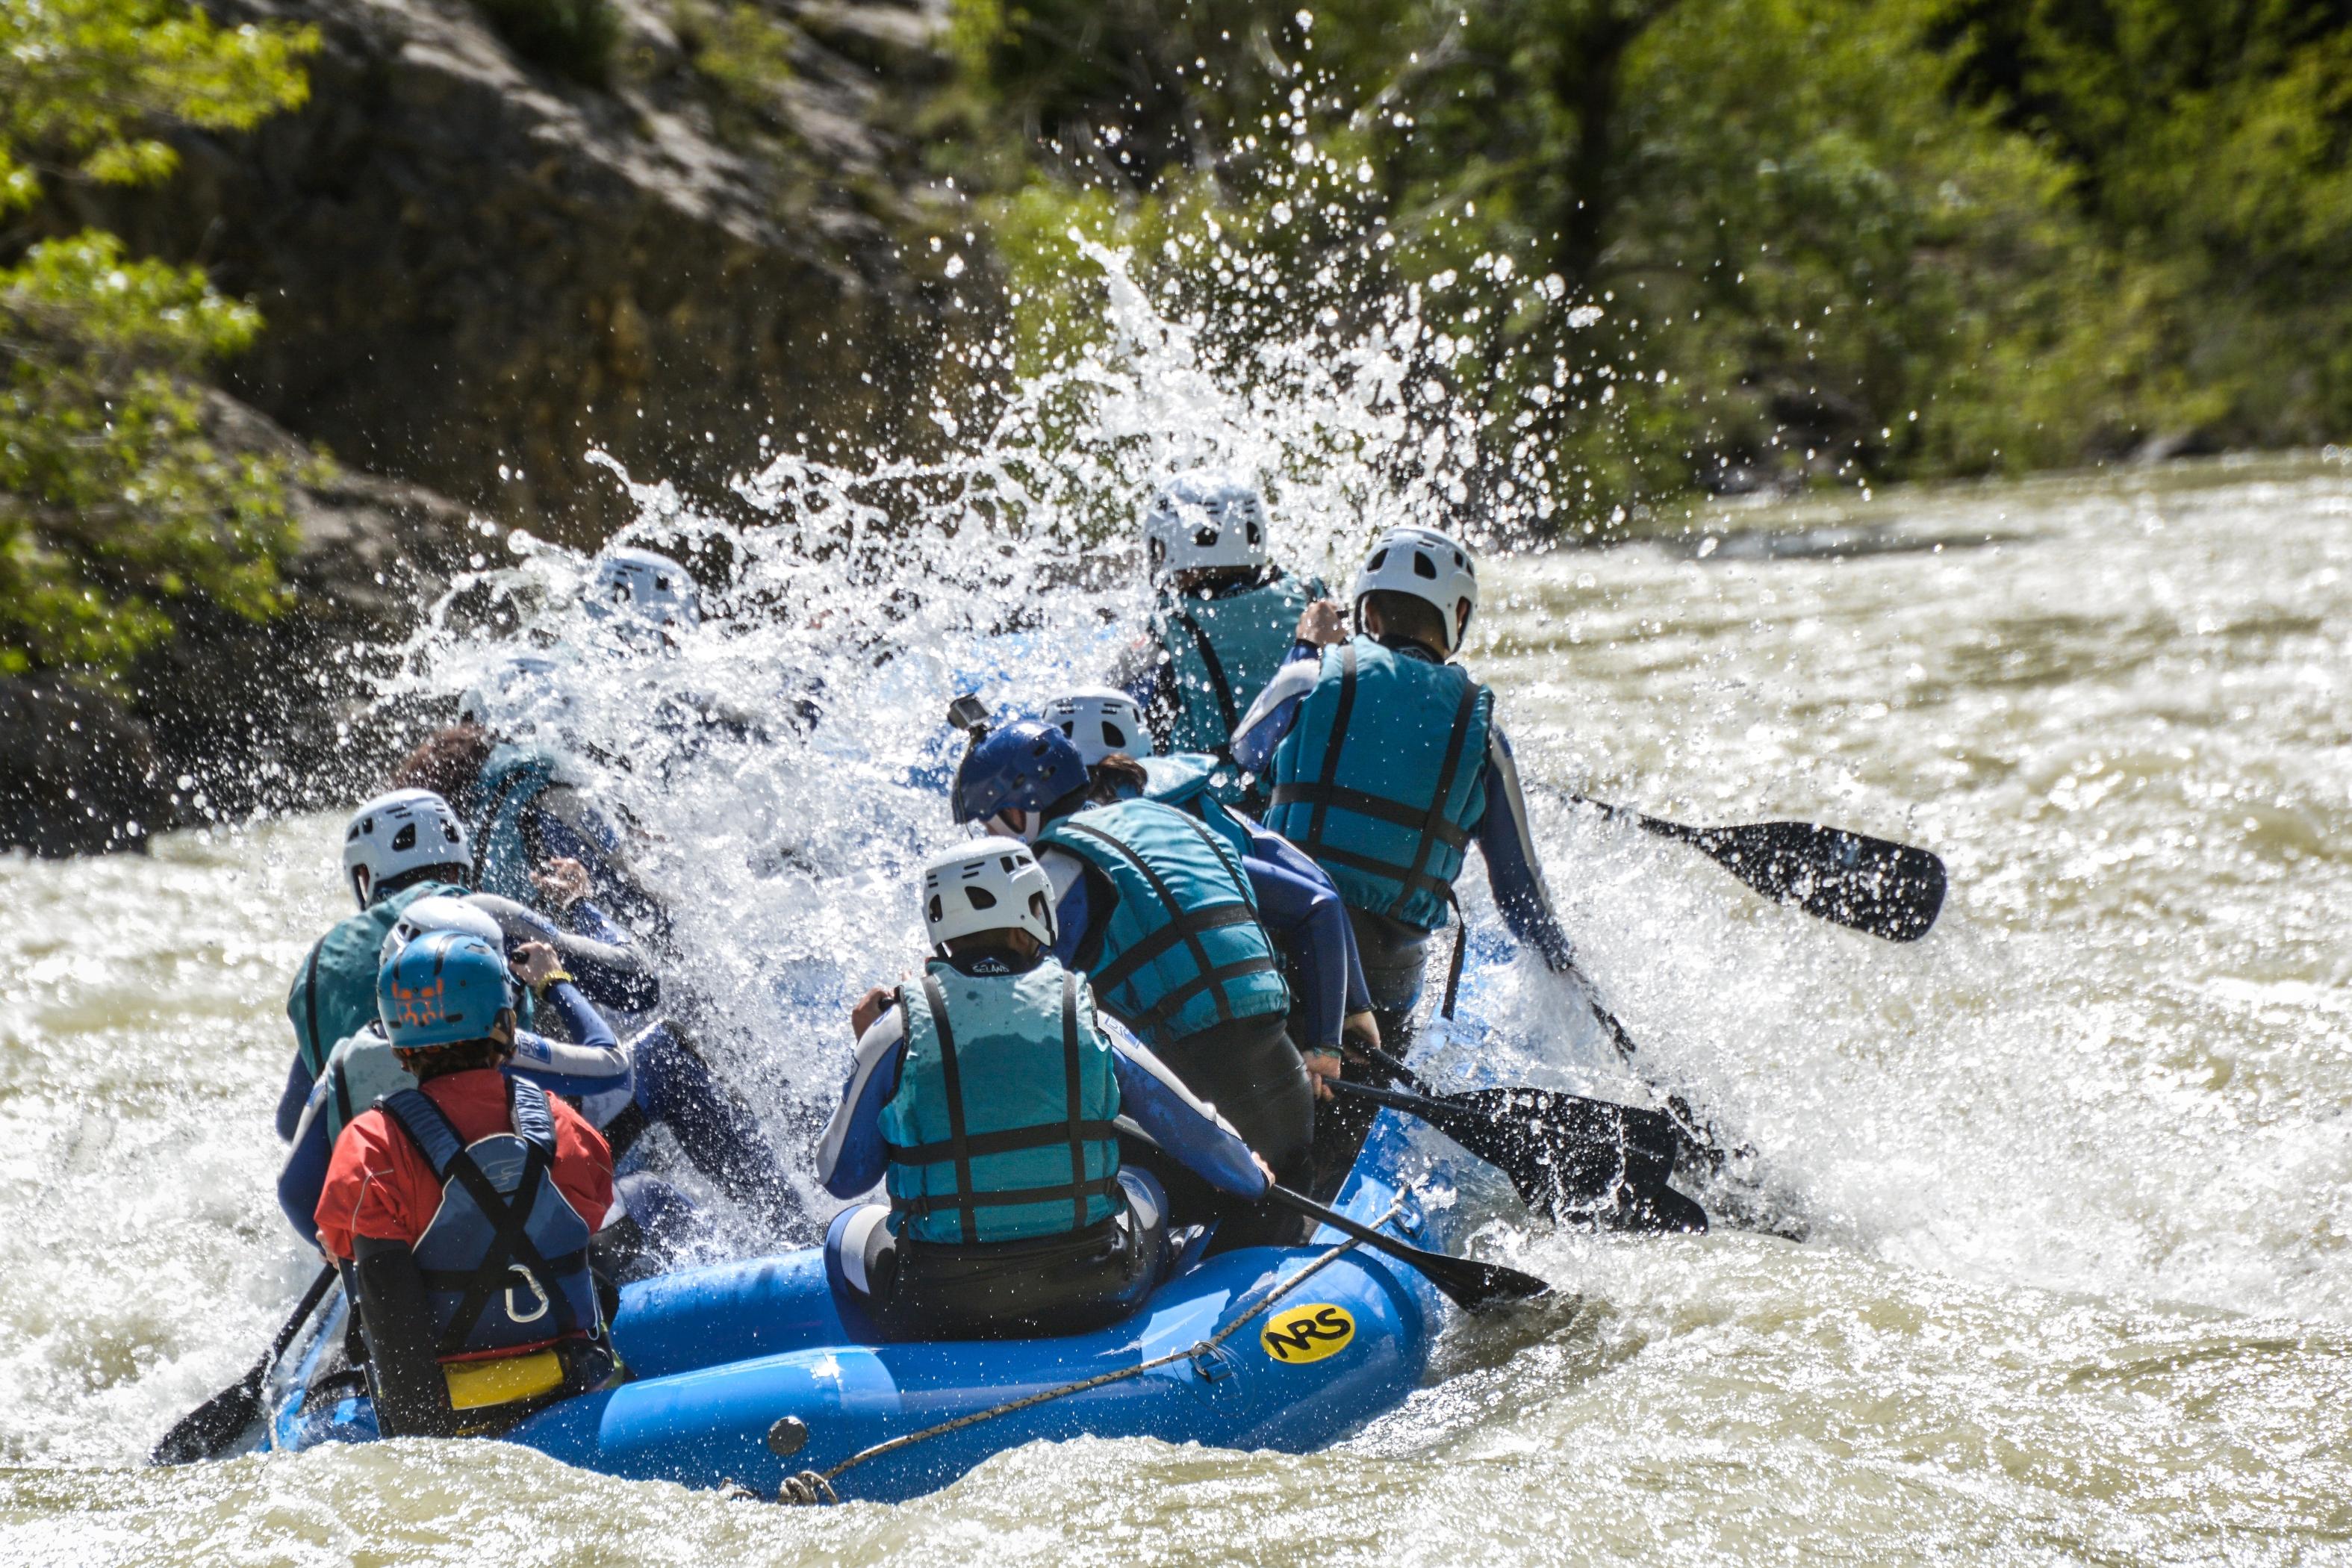 Rafting-en-el-rio-Gallego-diversion-y-emocion-en-primavera-con-UR-Pirineos